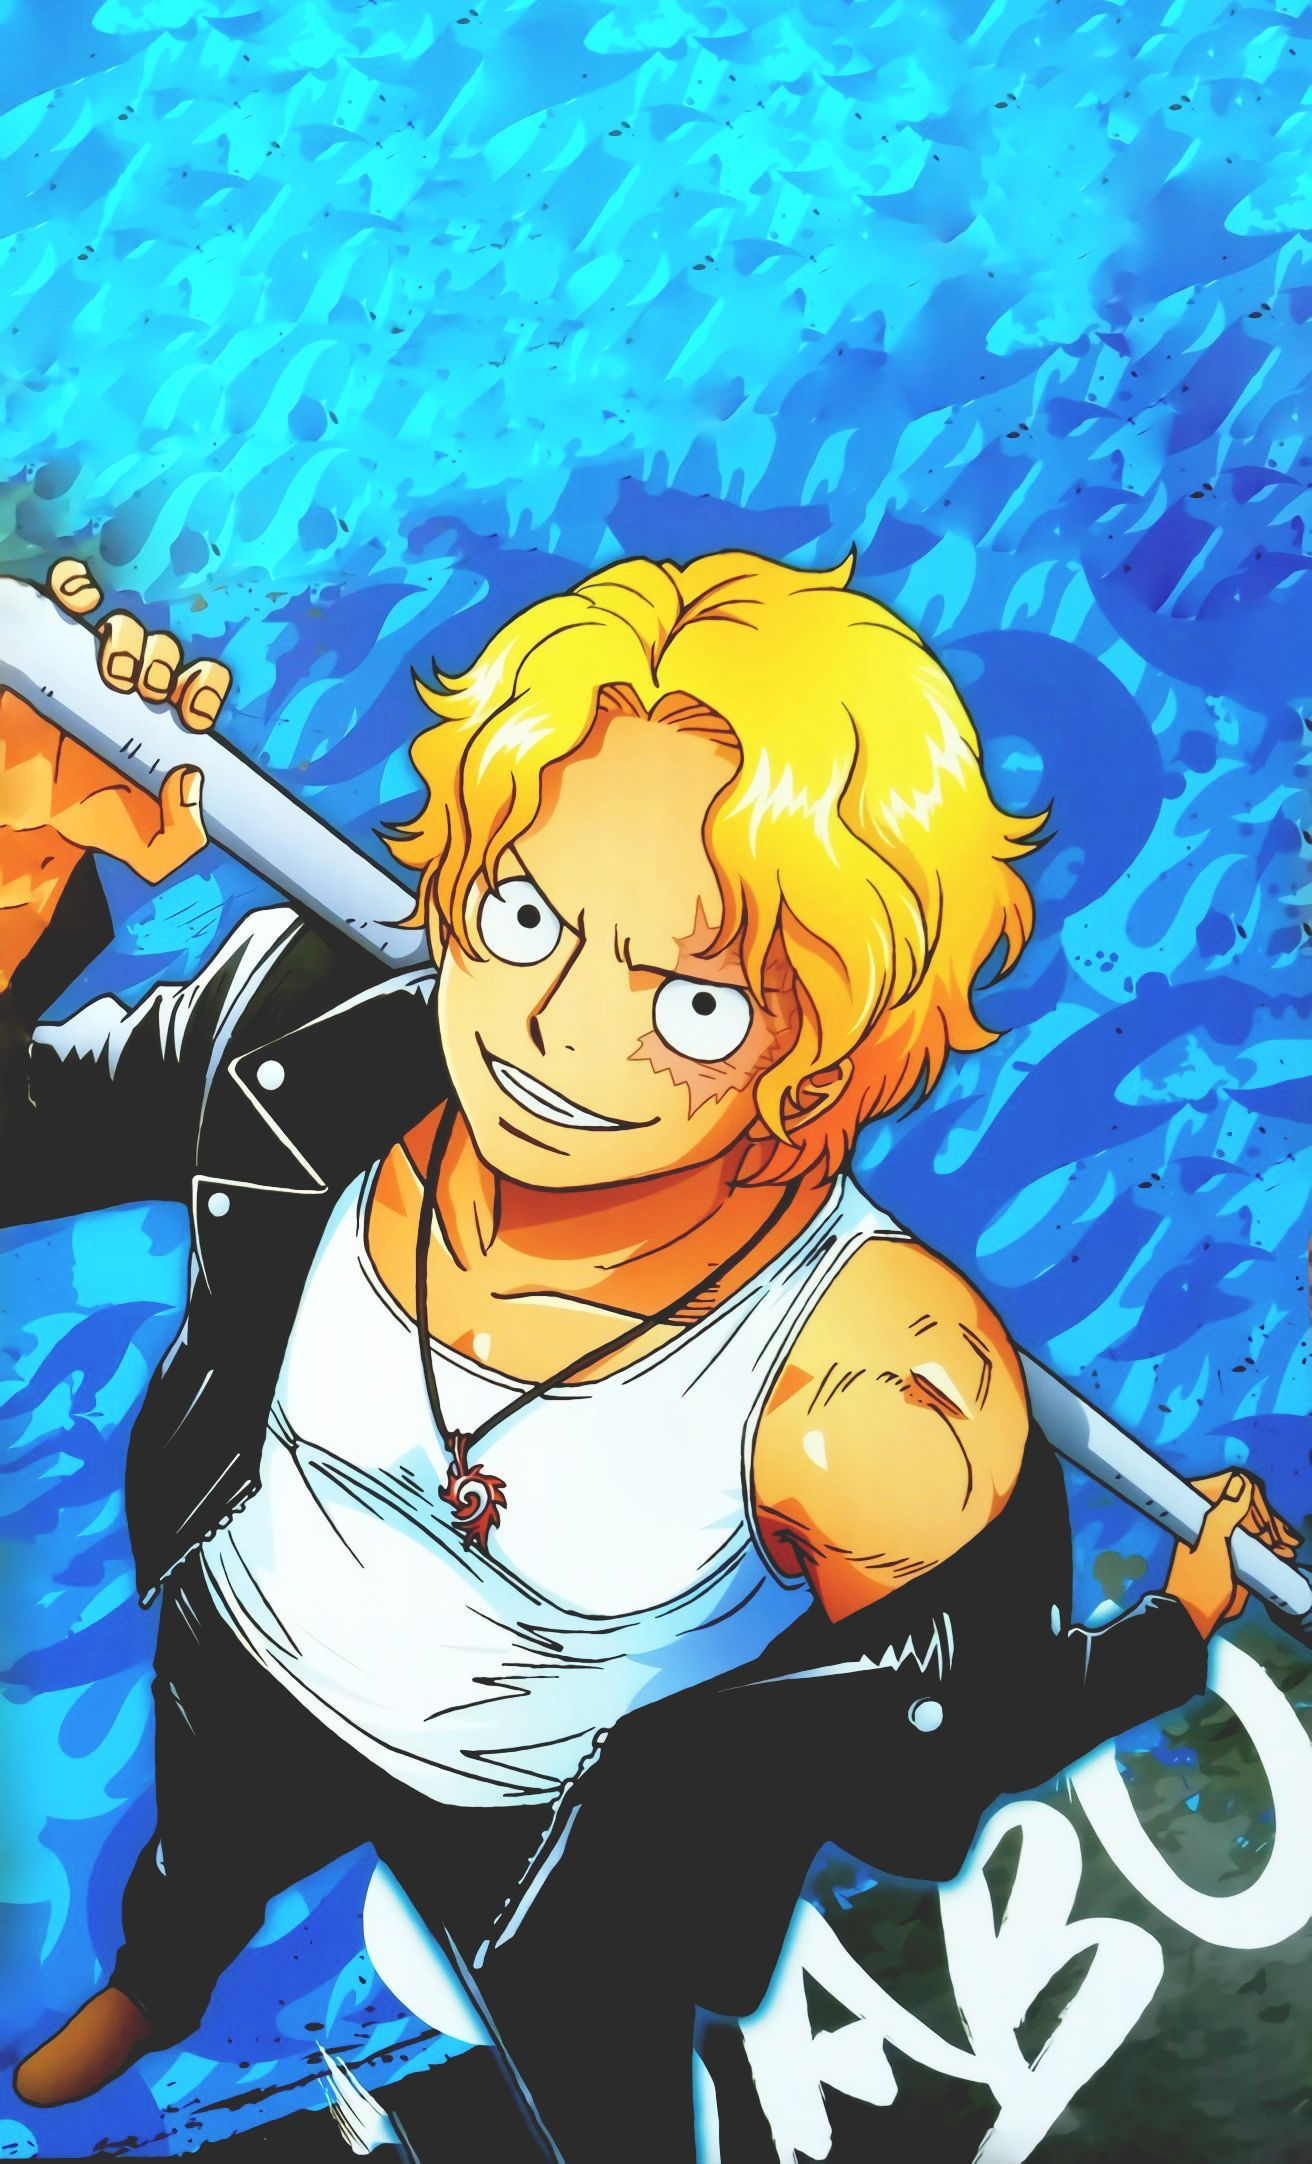 Eiichiro Oda Toei Animation One Piece Sabo 01one (2020